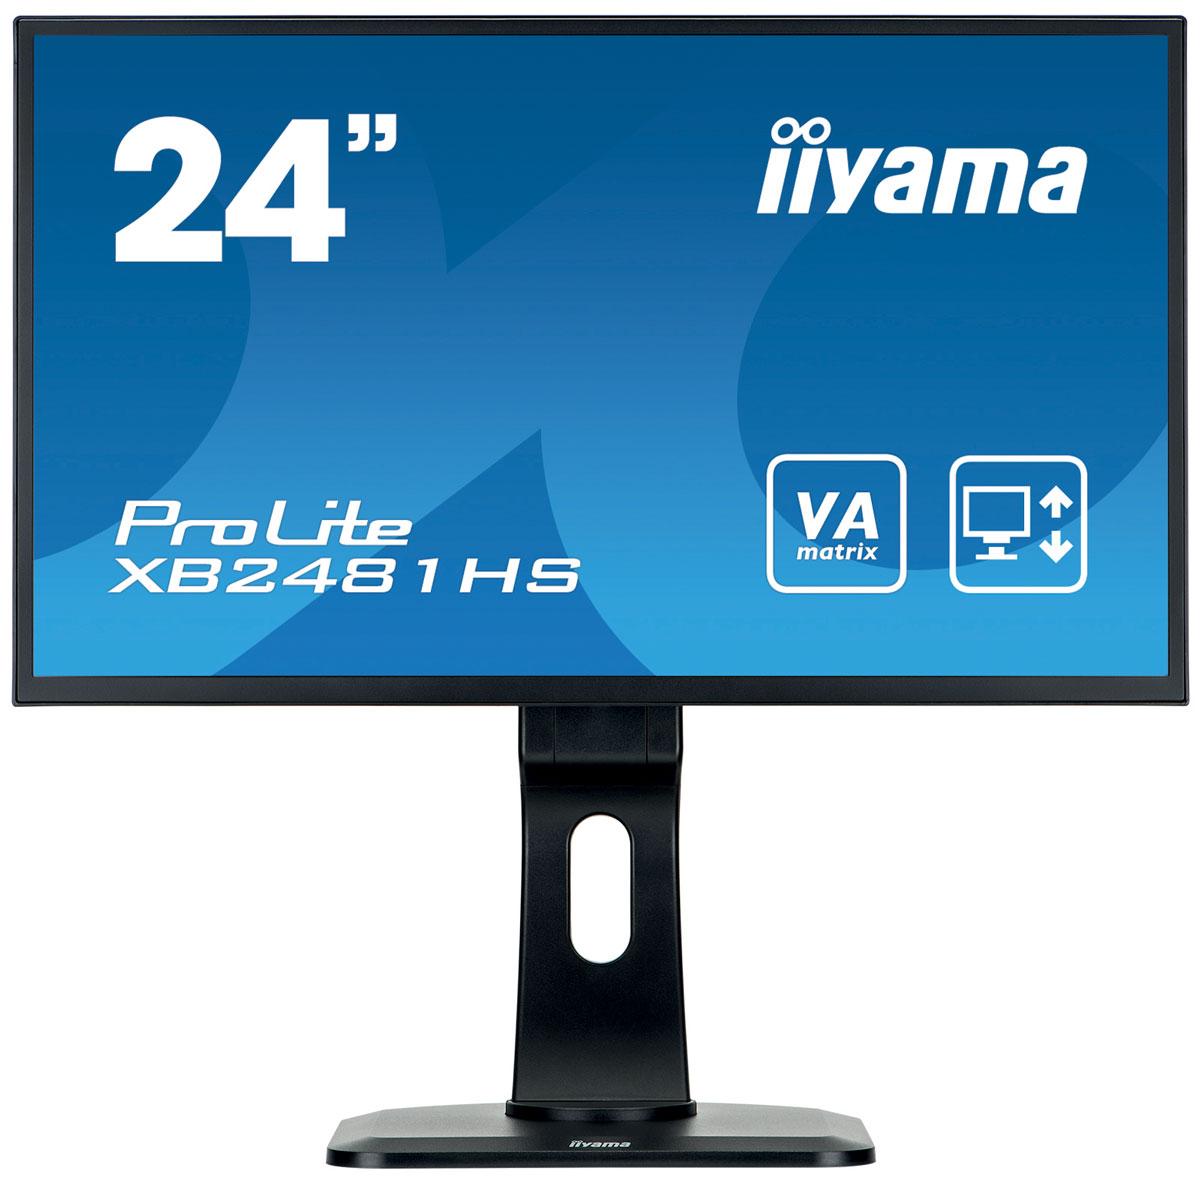 iiyama XB2481HS-B1, Black мониторXB2481HS-B1iiyama XB2481HS-B1 - высококачественный 24-дюймовый Full HD-дисплей, оснащенный светодиодной подсветкой и панелью MVA, гарантирующей точное и последовательное воспроизведение цвета с широкими углами обзора. Уровень динамического контраста этой модели превышает 12 000 000:1, а время отклика пикселей составляет 6 мс, что позволяет монитору демонстрировать отличное качество изображения. Наличие трех портов ввода обеспечивает полную совместимость со всеми новейшими графическими адаптерами. Эргономичная подставка обеспечивает регулировку по высоте 13 см, разворот и поворот монитора, что делает этот дисплей идеальным для широкого спектра приложений и сред, в которых гибкость и эргономика на рабочем месте являются ключевыми факторами. Монитор имеет сертификаты TCO и Energy Star. Модель идеально подойдет для образовательных, государственных, бизнес-структур и финансовых организаций.